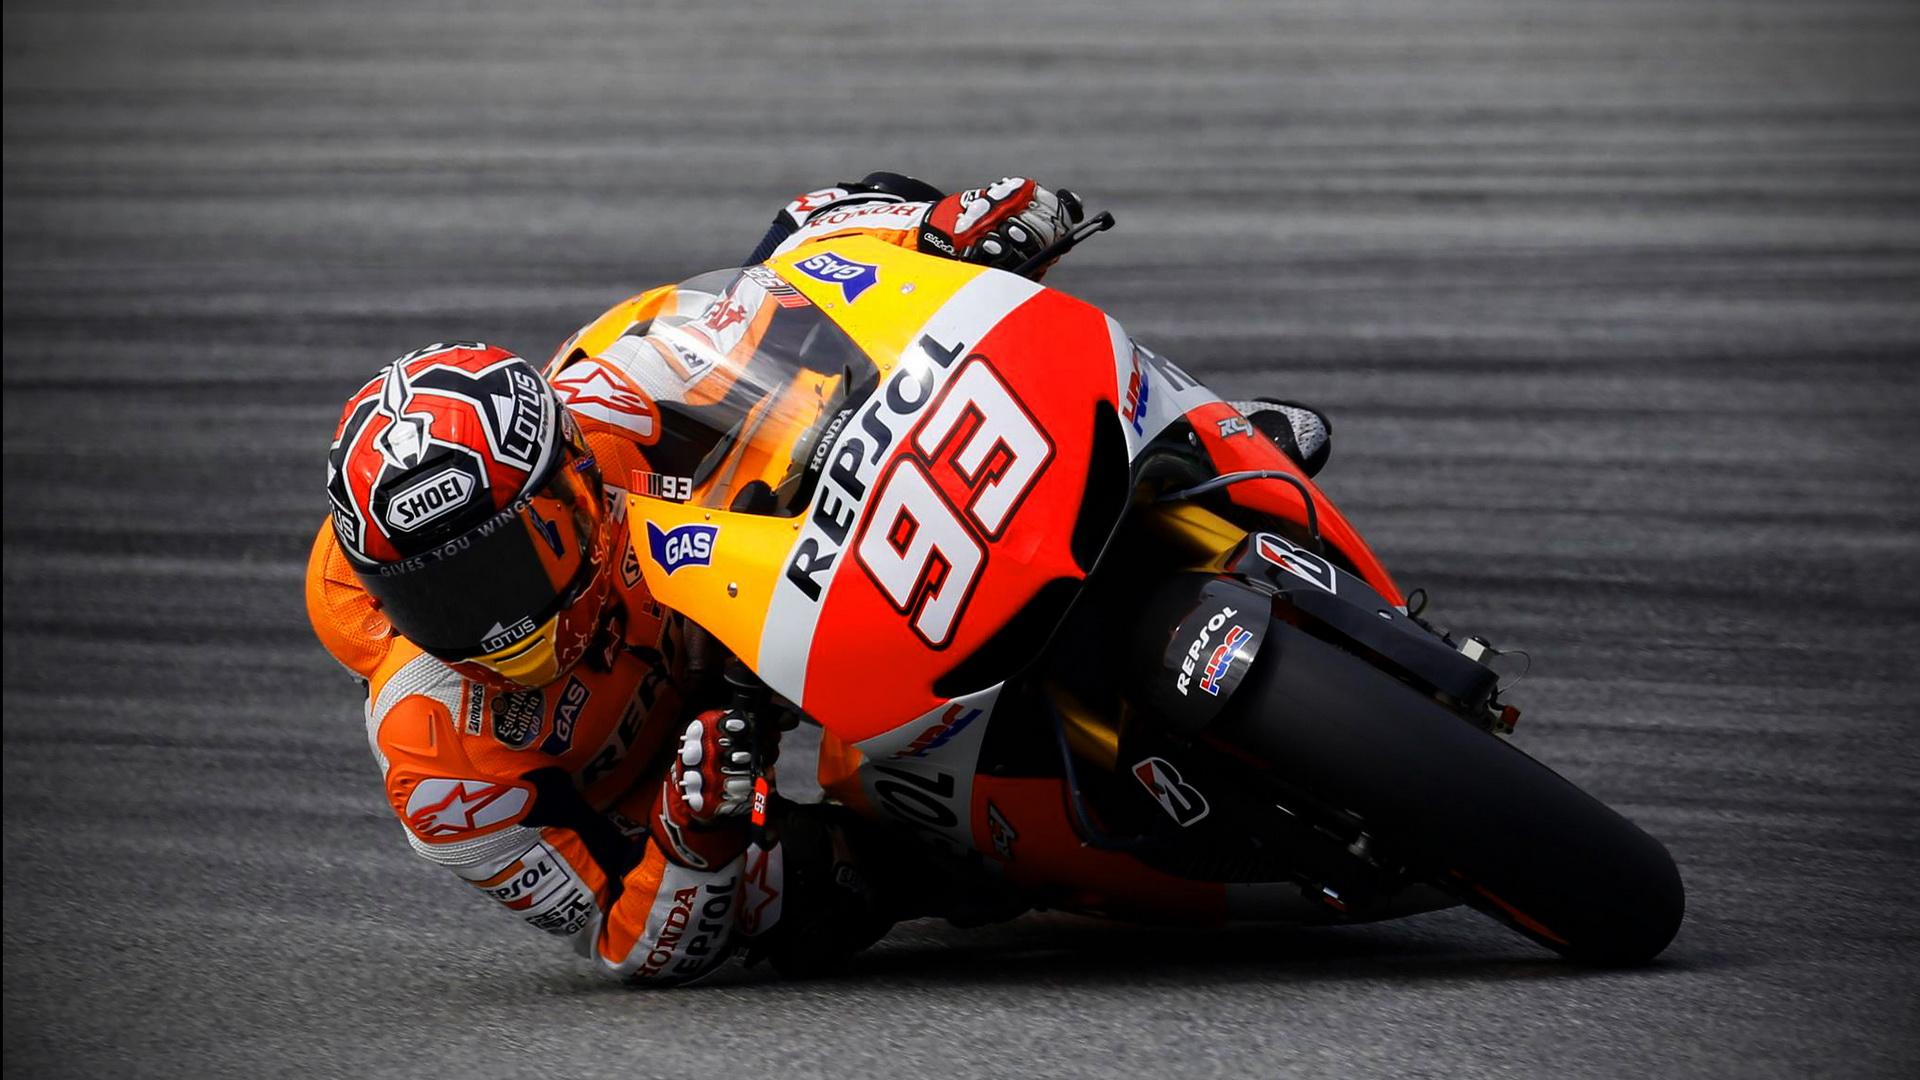 Marc marquez, Champion du Monde MotoGP 2013